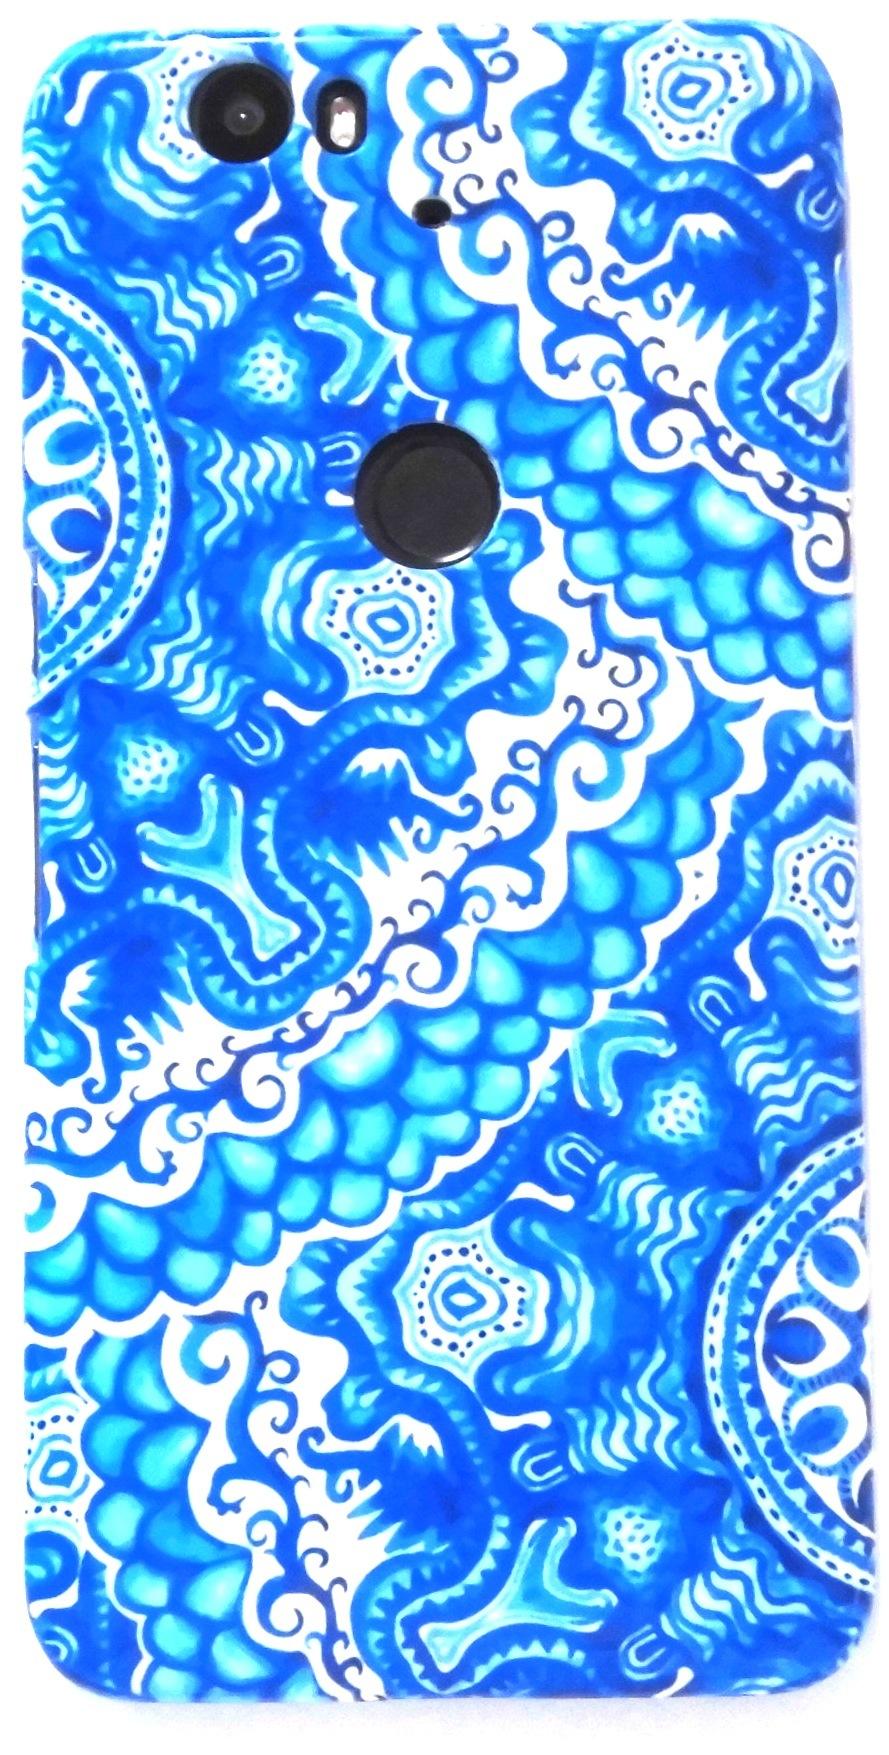 Watercolor nexus 6p case (2)